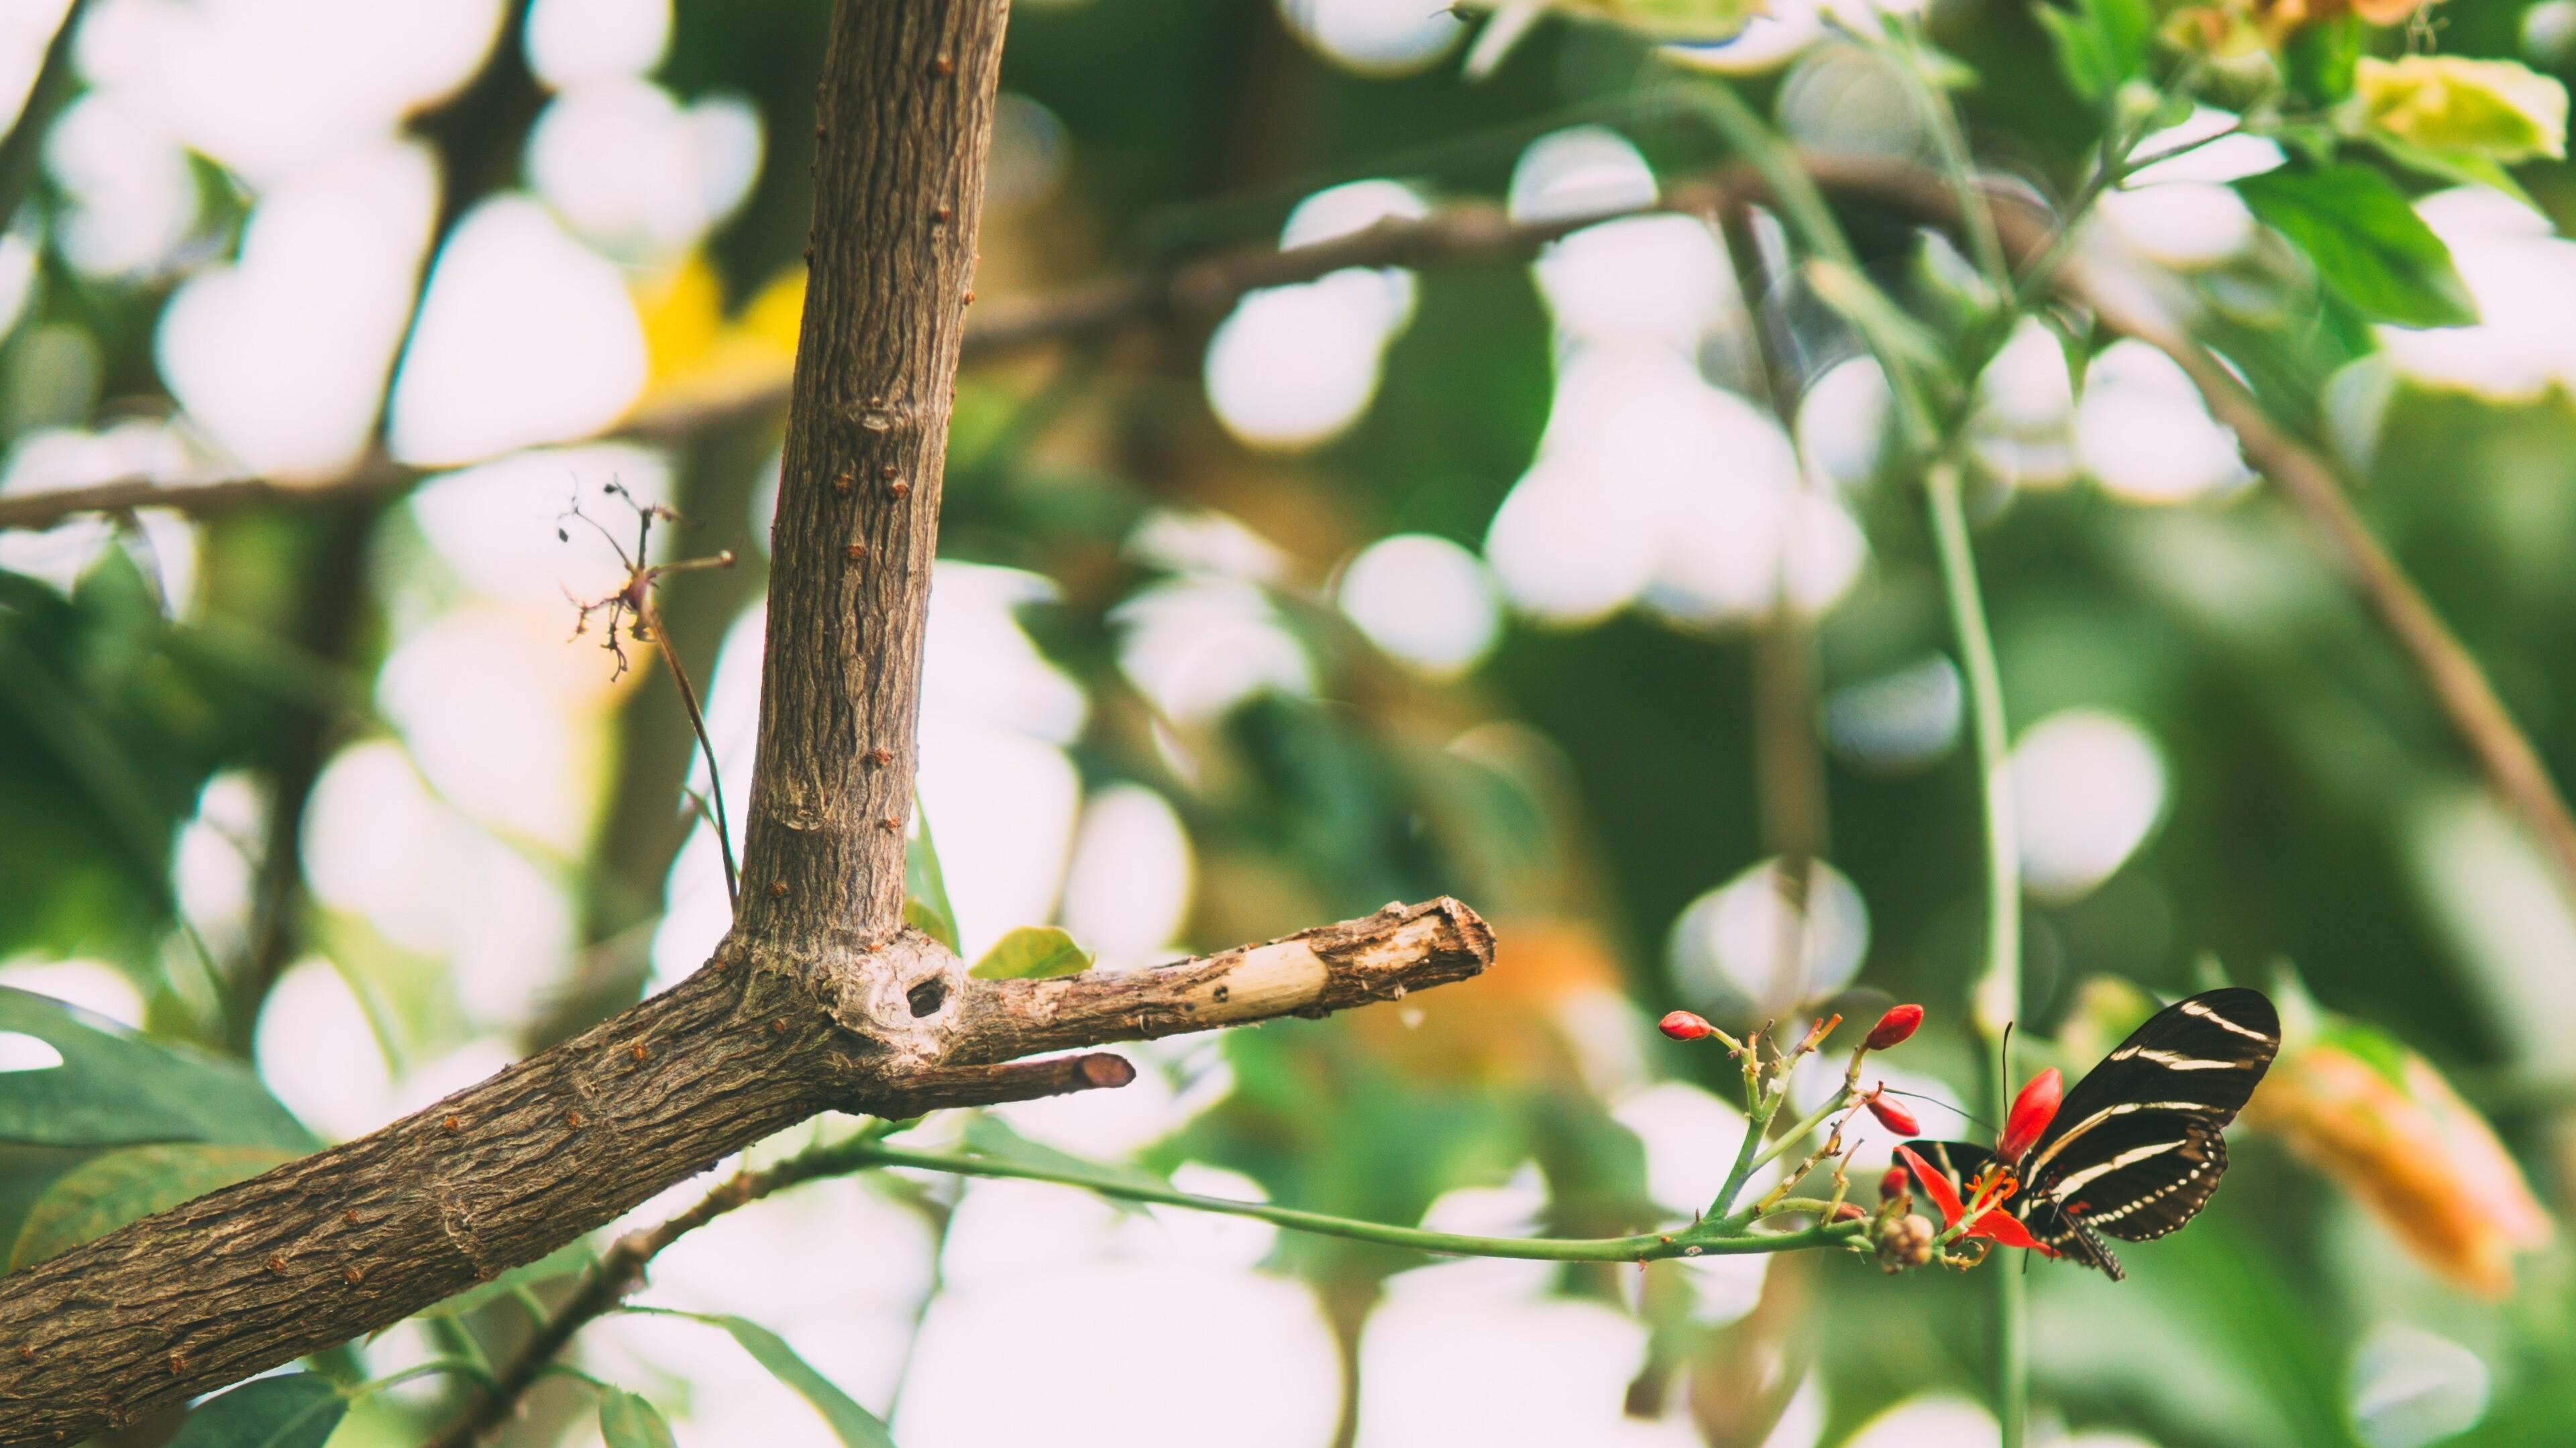 Butterfly on Tree Branch 4K Wallpaper | HD Wallpapers